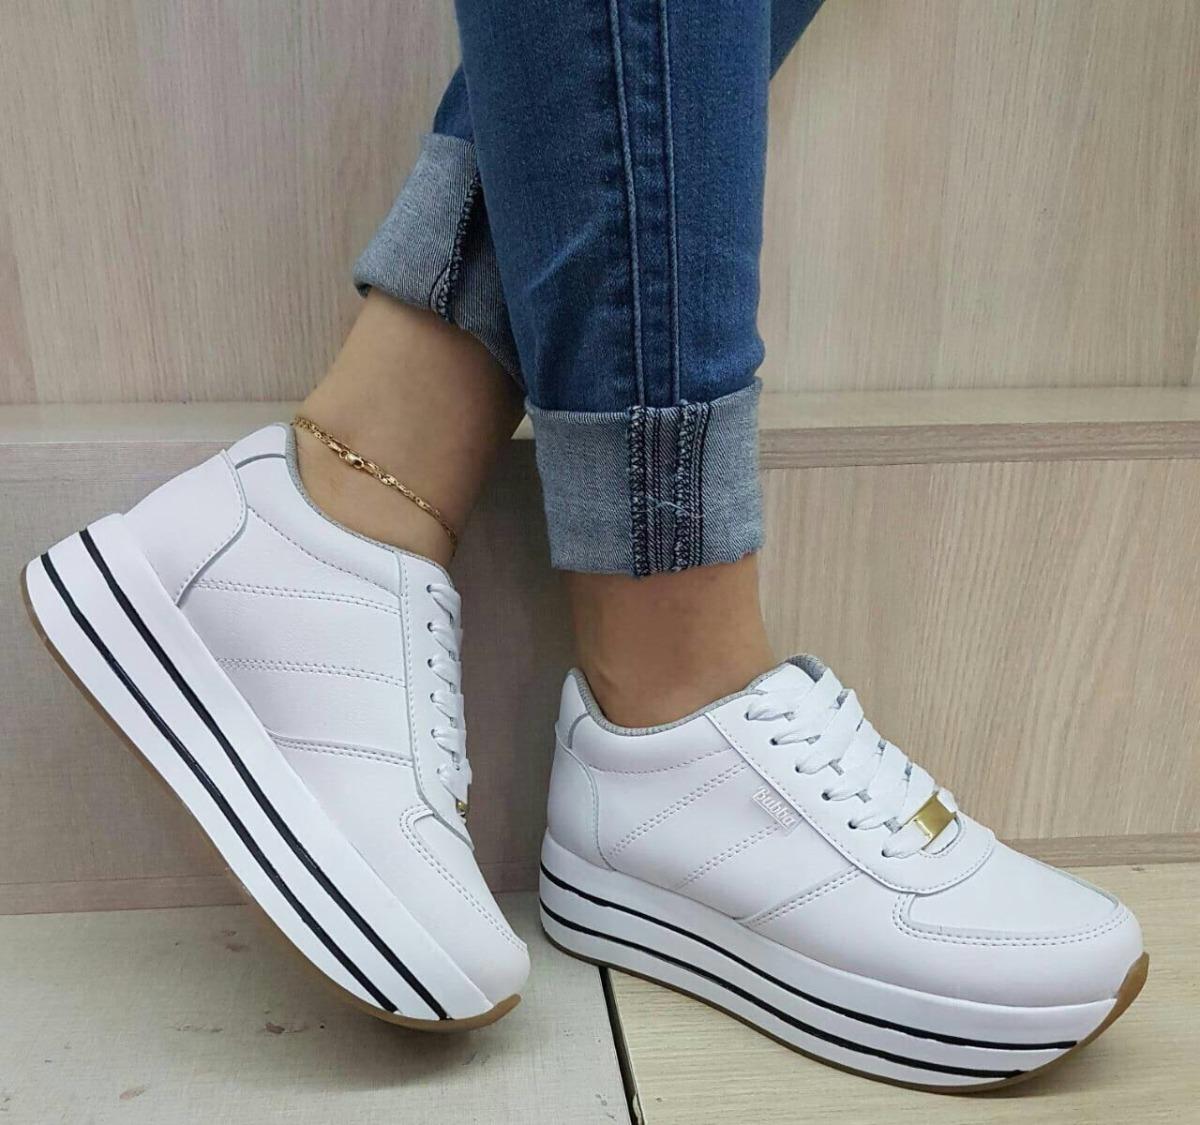 Deportivos Blancos Alta Suela Para Mujer Color Moda Zapatos TKFJc1l